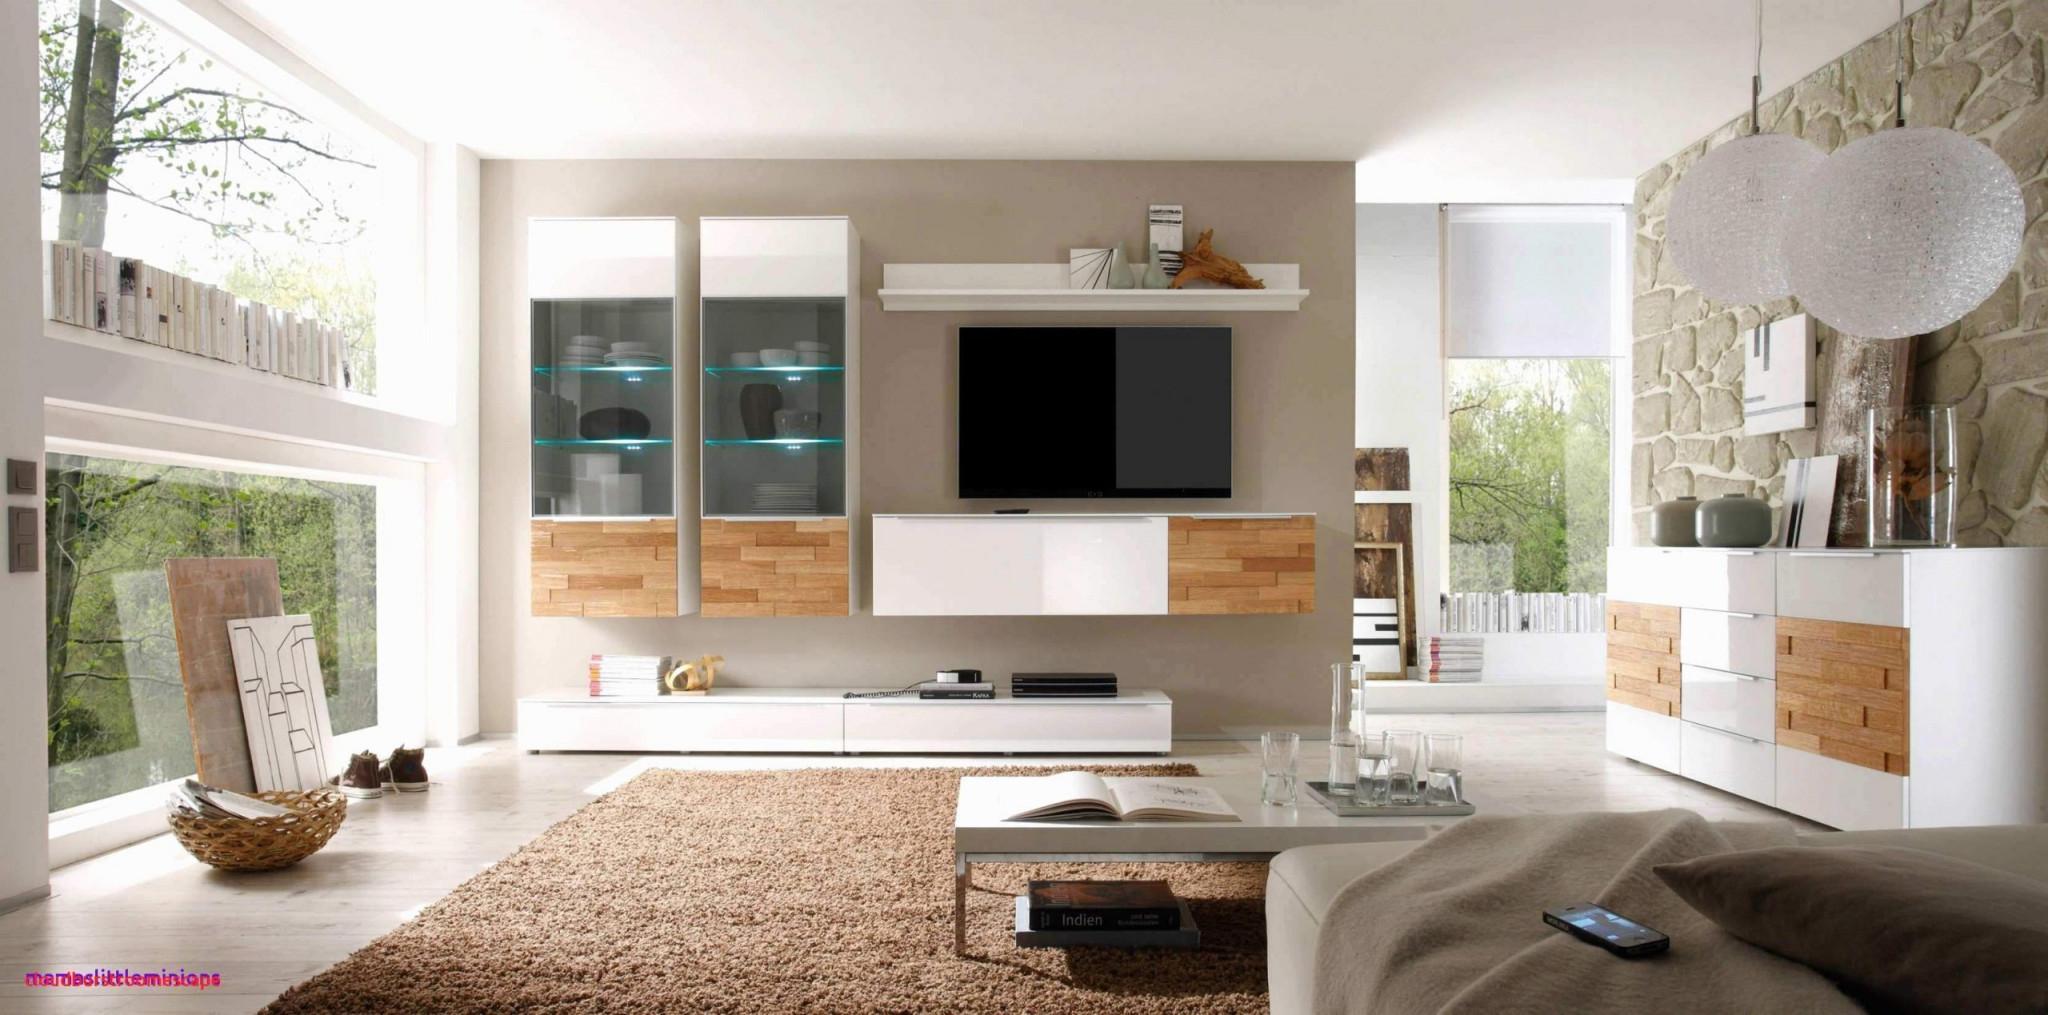 45 Tolle Von Wohnzimmer Gestalten Modern Planen In 2020 von Wohnzimmer Ecken Gestalten Bild